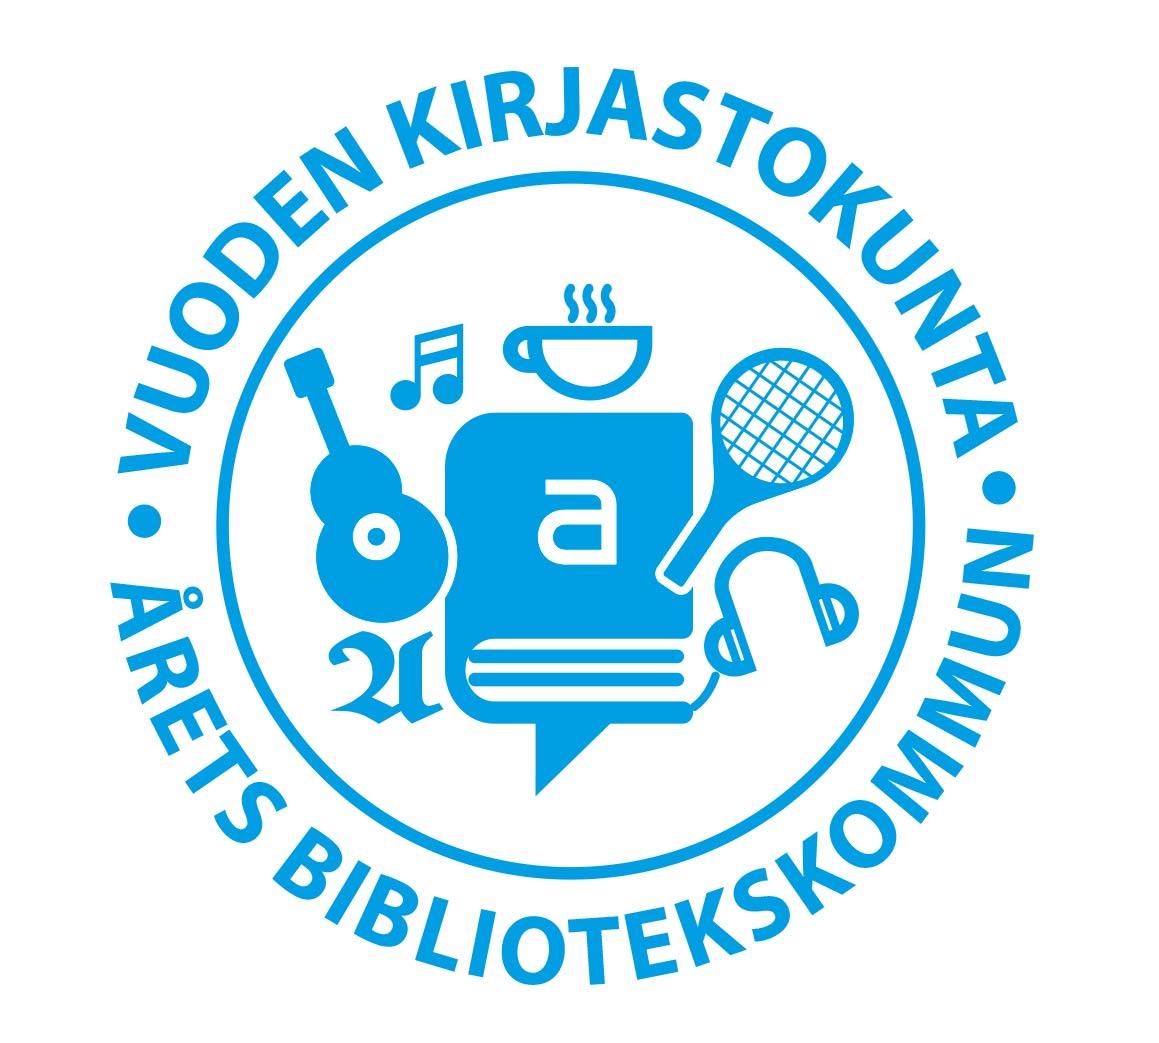 Vuoden kirjastokunta logo